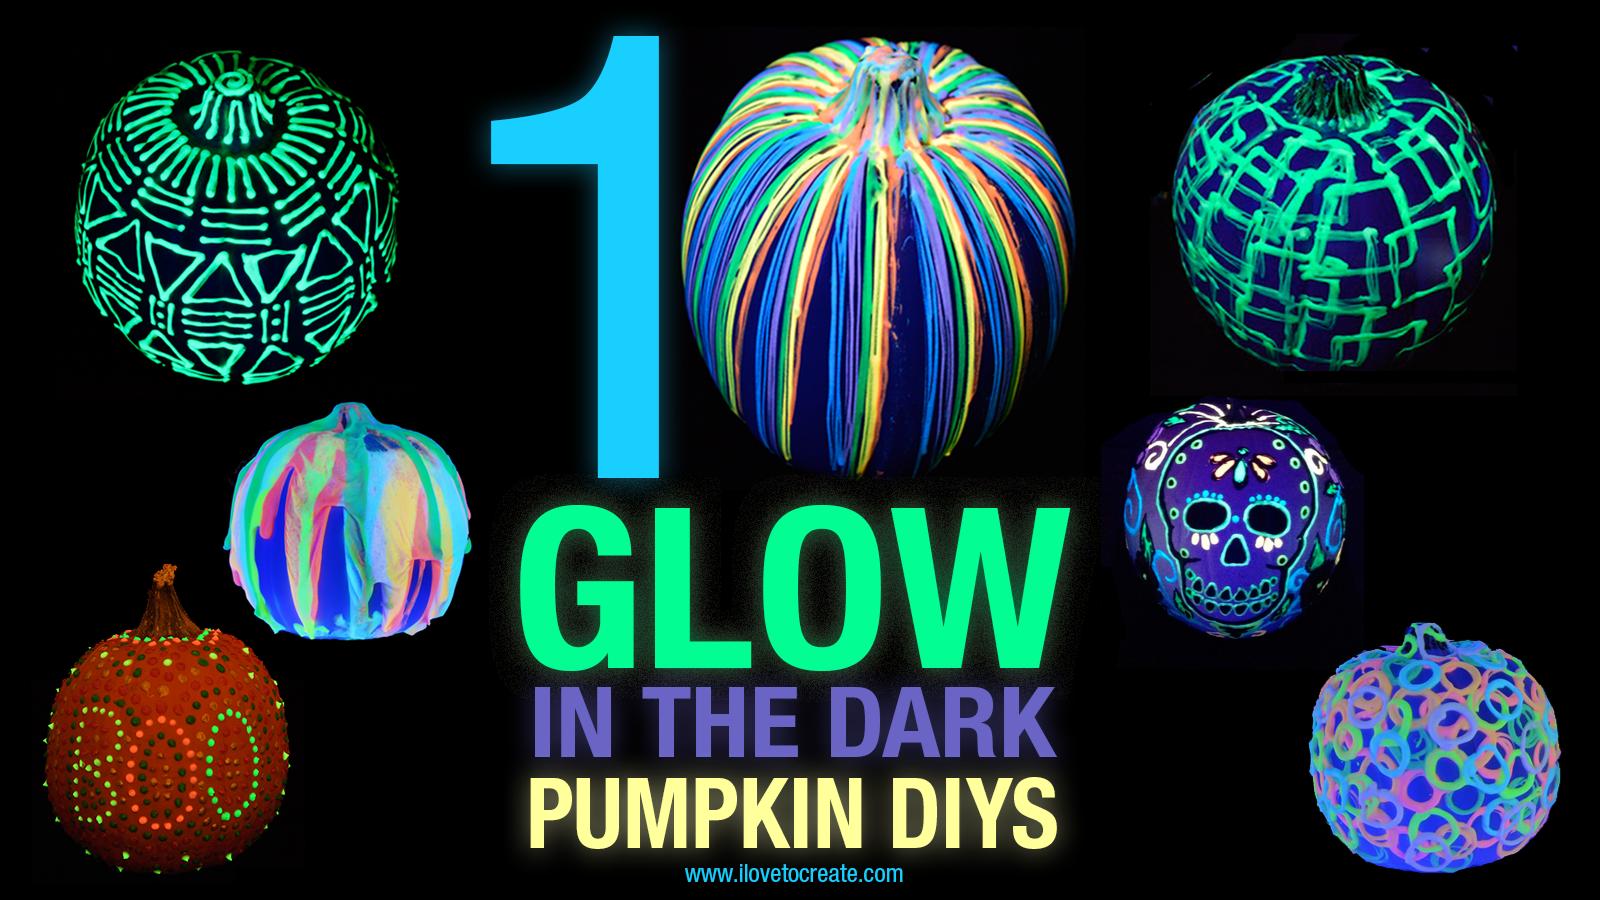 Picture of 10 Glow in the Dark Pumpkin DIYs